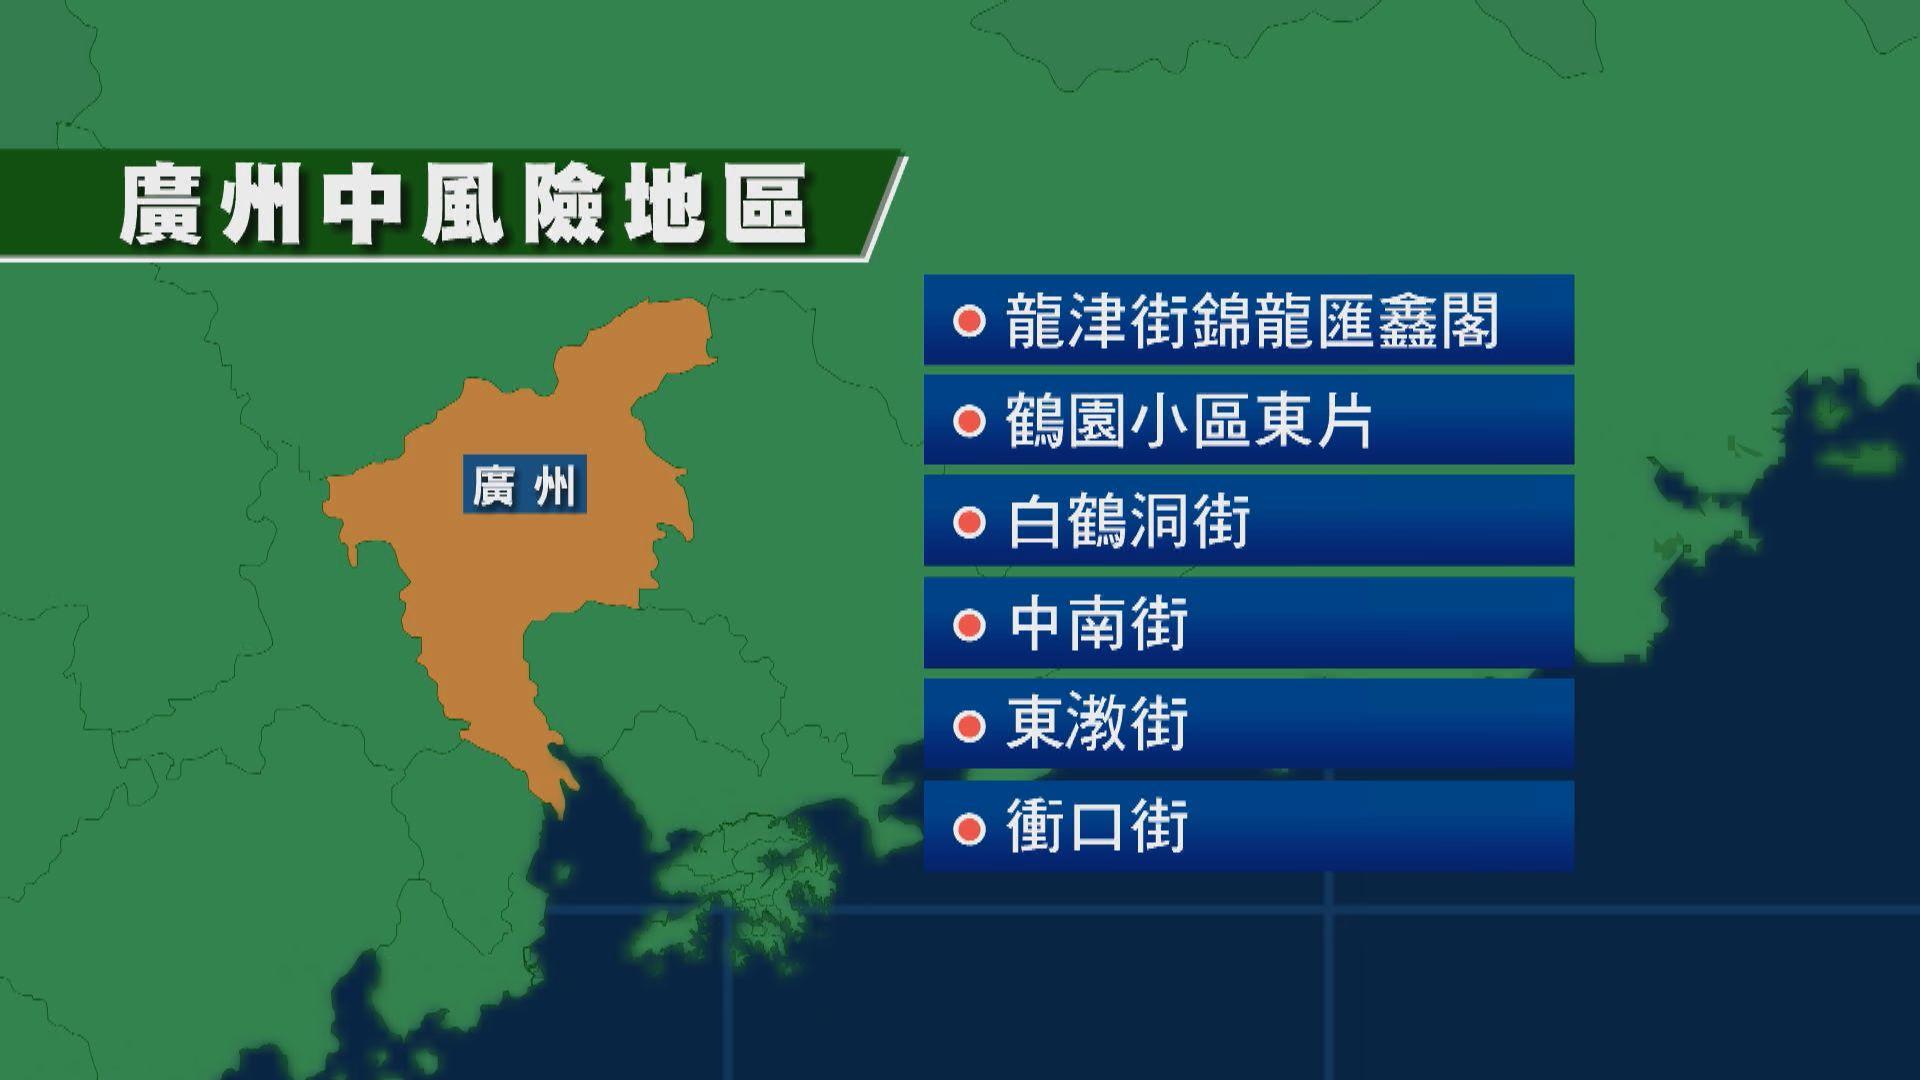 廣州防控區域人員要以居家為主 停止非必須活動